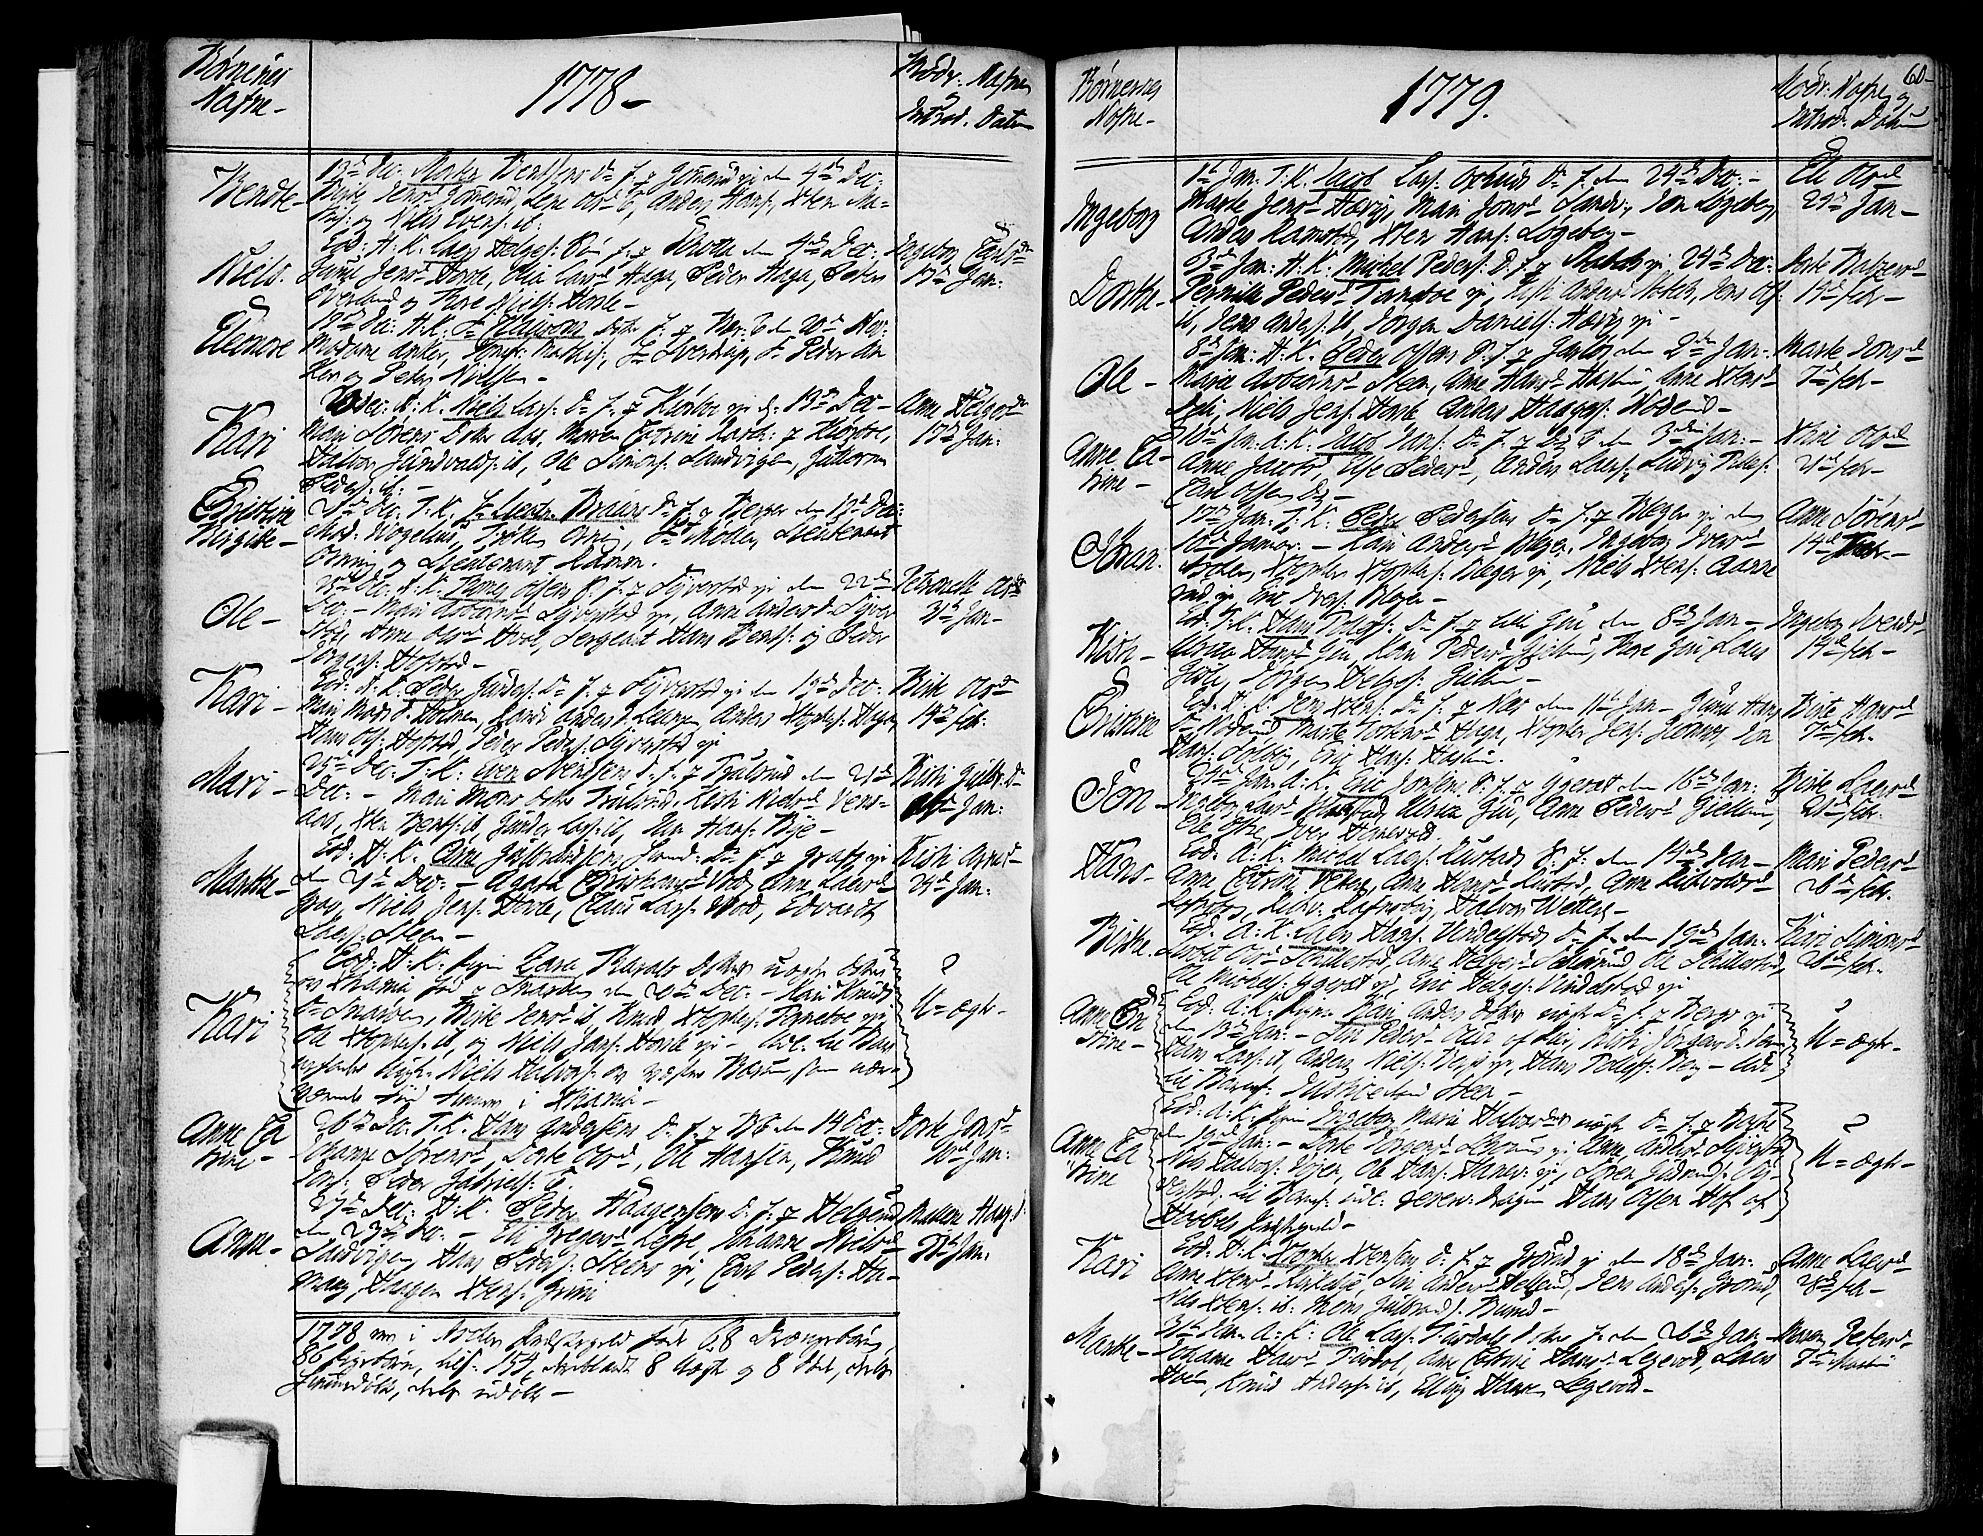 SAO, Asker prestekontor Kirkebøker, F/Fa/L0003: Ministerialbok nr. I 3, 1767-1807, s. 60